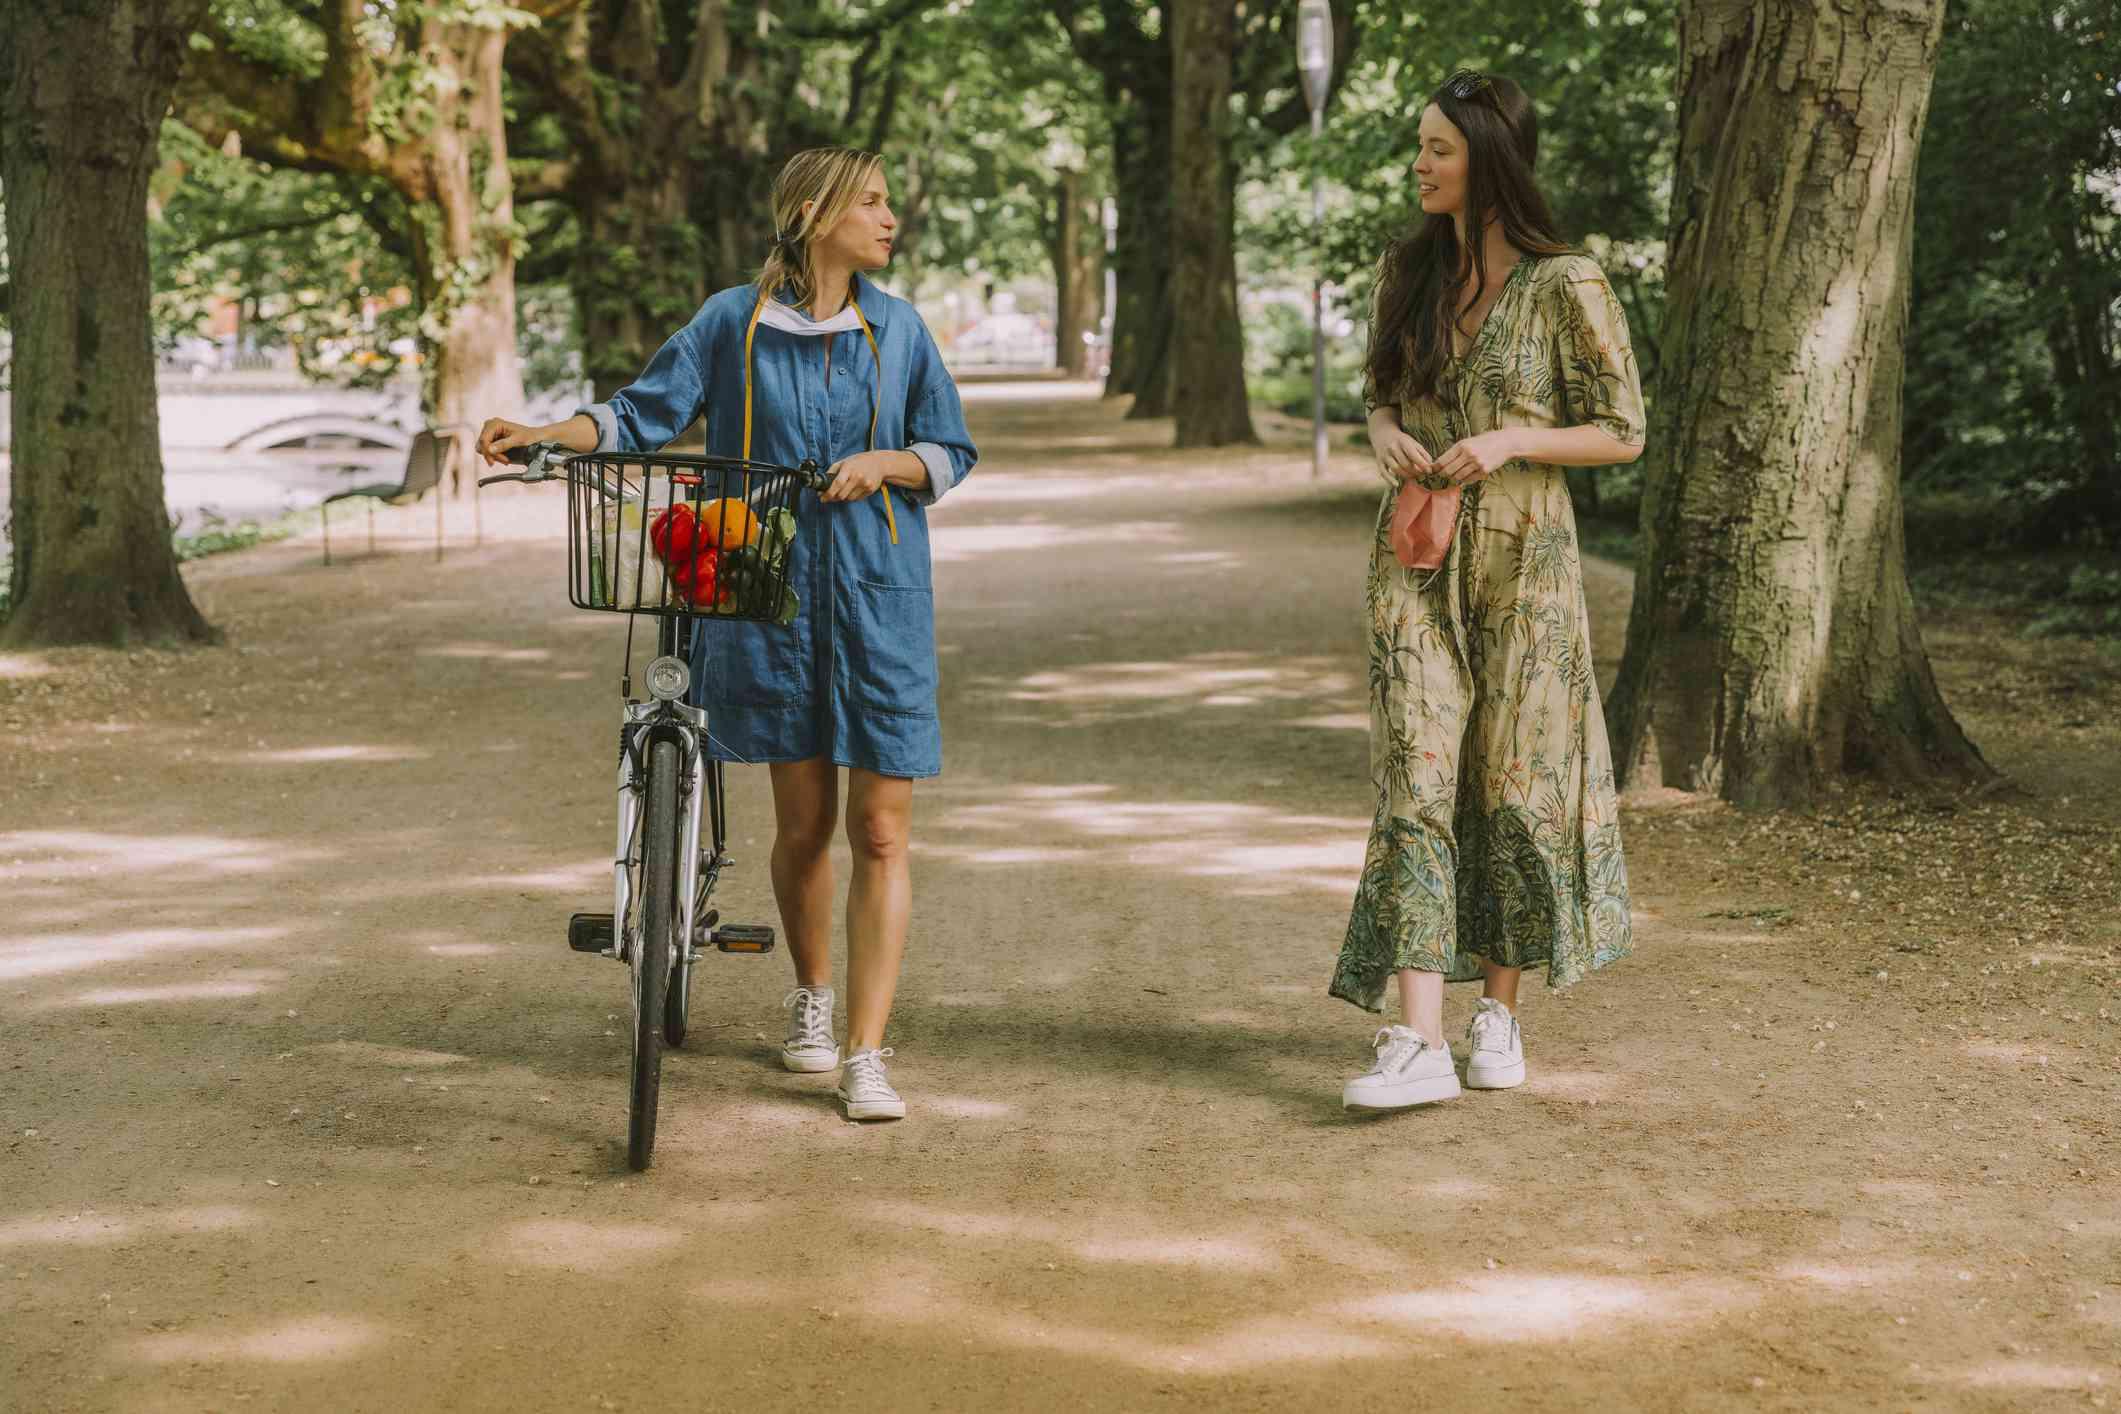 women walking through park